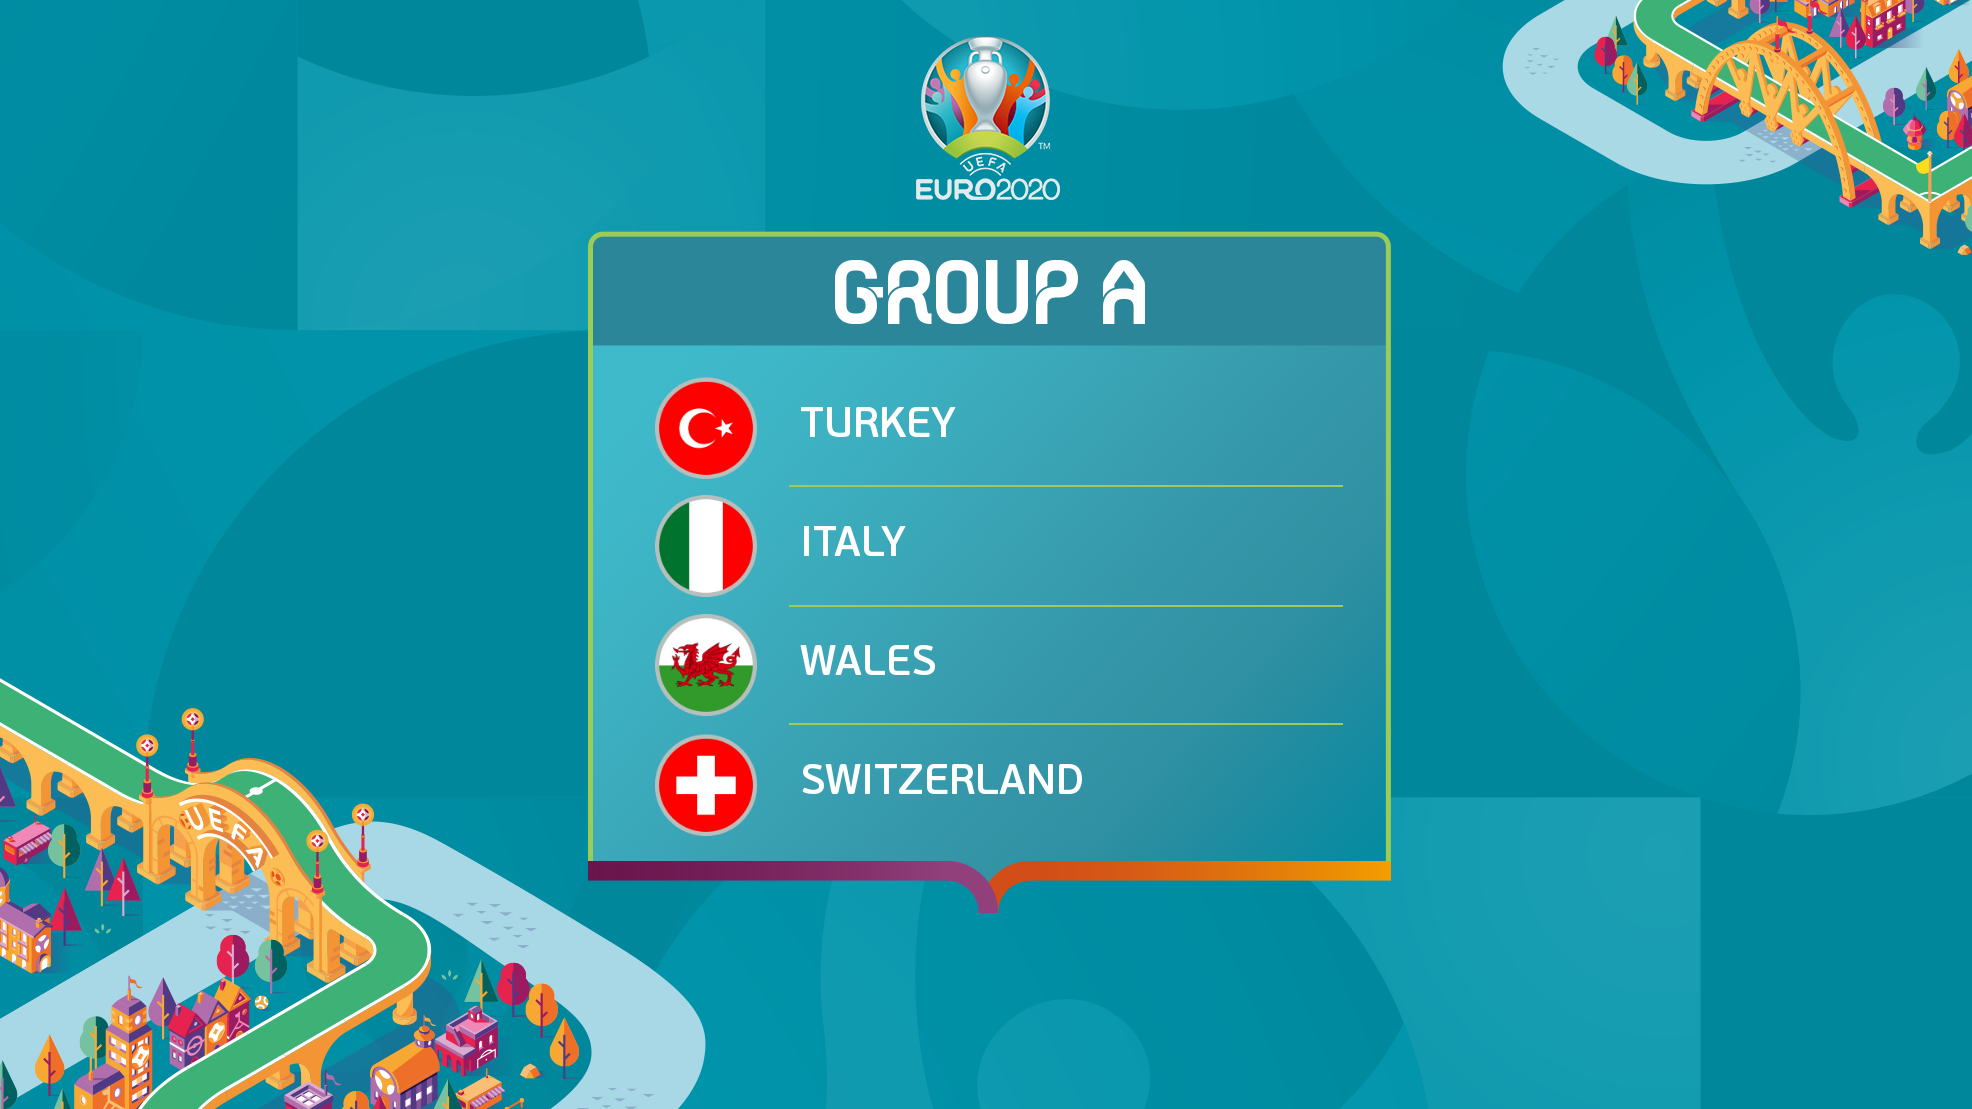 युरो कप: समूह 'ए' बाट इटाली र वेल्स अन्तिम १६ मा